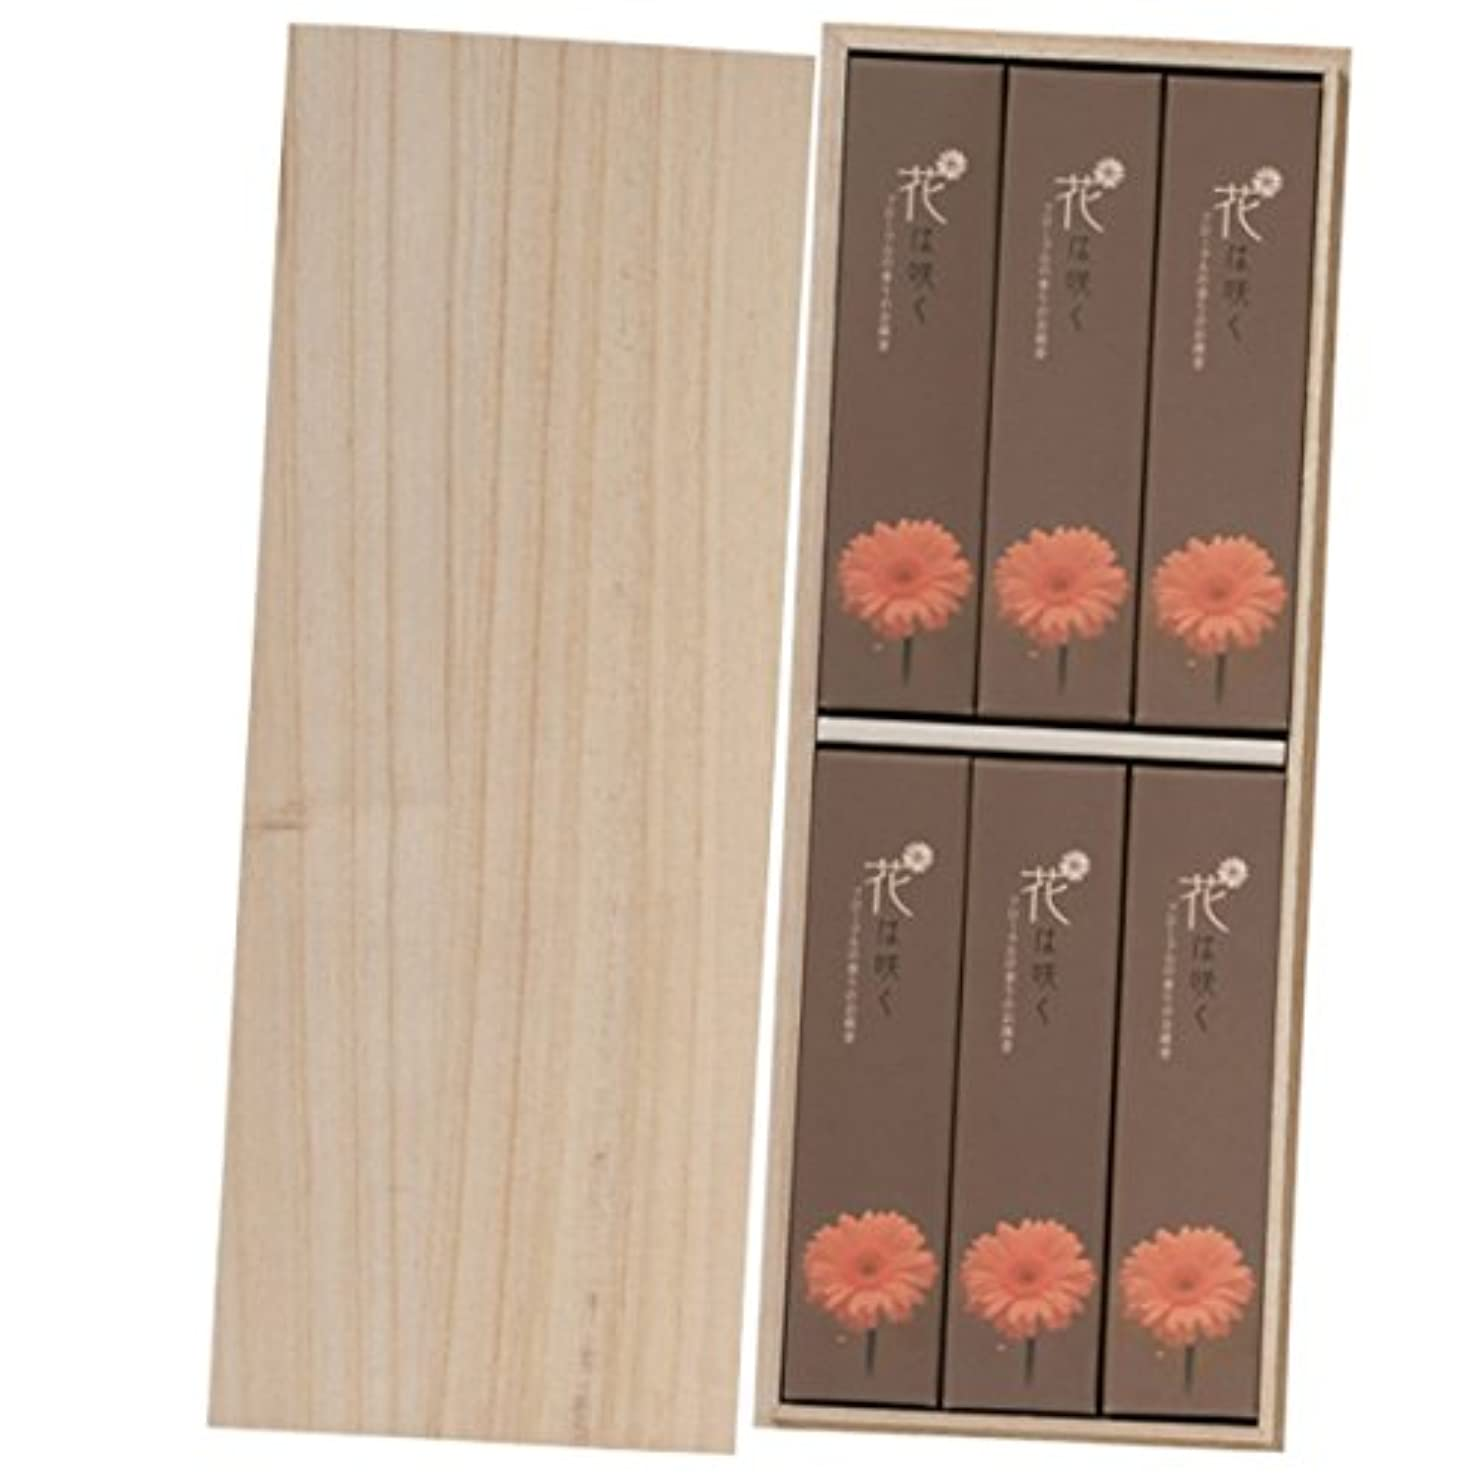 スピン独特の長いです花は咲く(進物用桐箱入) 約30g×6箱